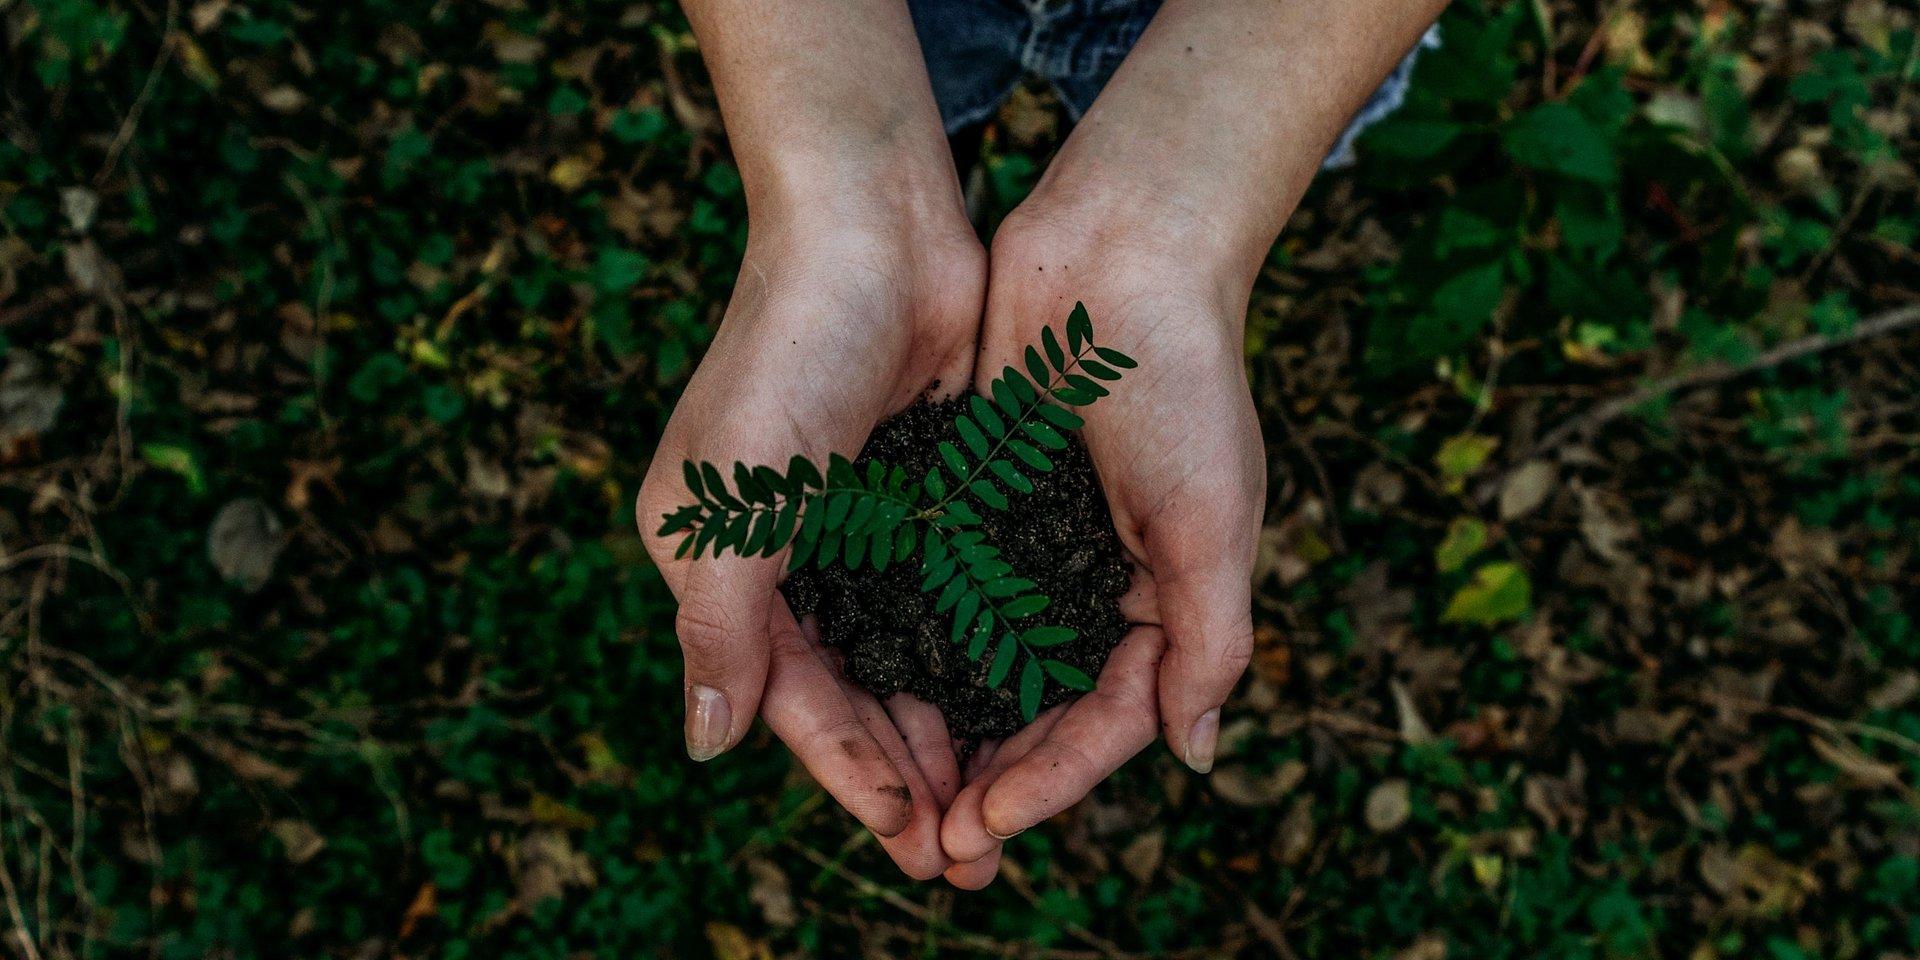 Jak zadbać o środowisko w 2021 roku? Oto 5 dobrych nawyków, które warto wprowadzić w nowym roku